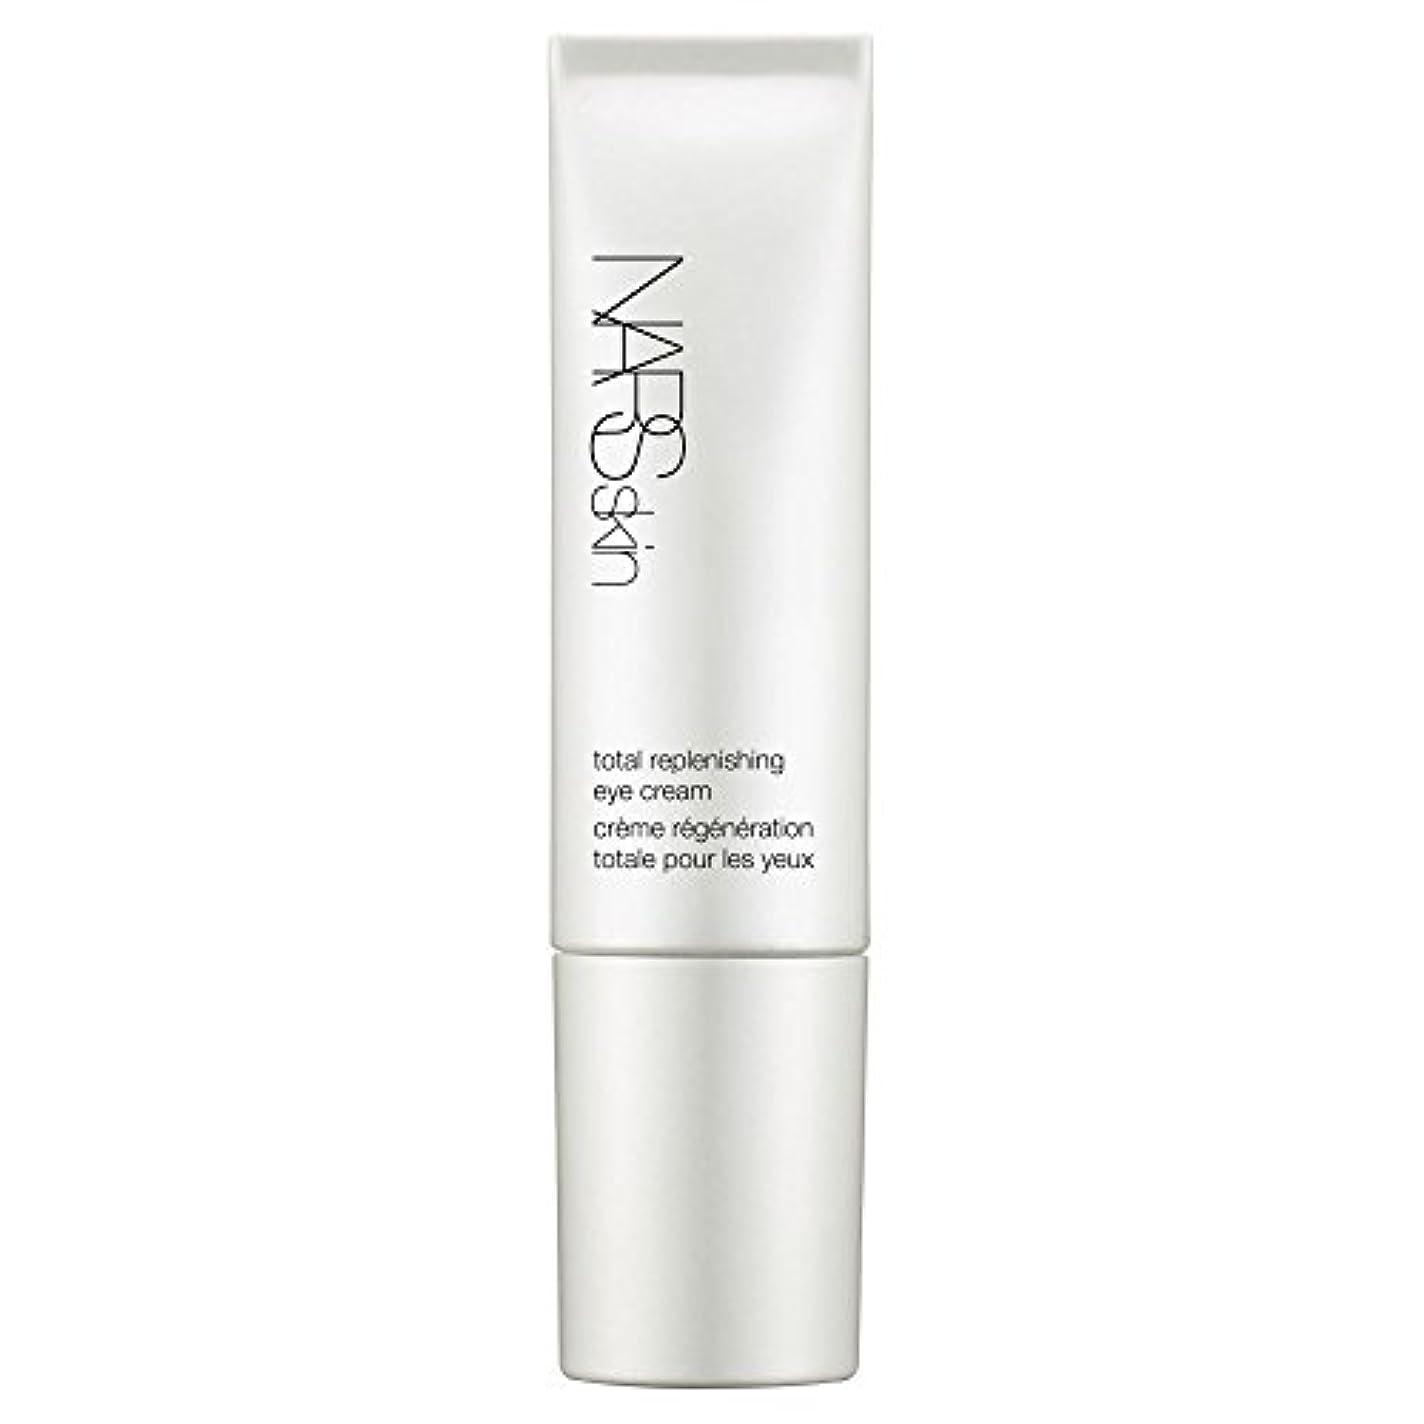 請求可能学生学校教育[NARS] Narsskin総補充アイクリーム15Ml - Narsskin Total Replenishing Eye Cream 15ml [並行輸入品]